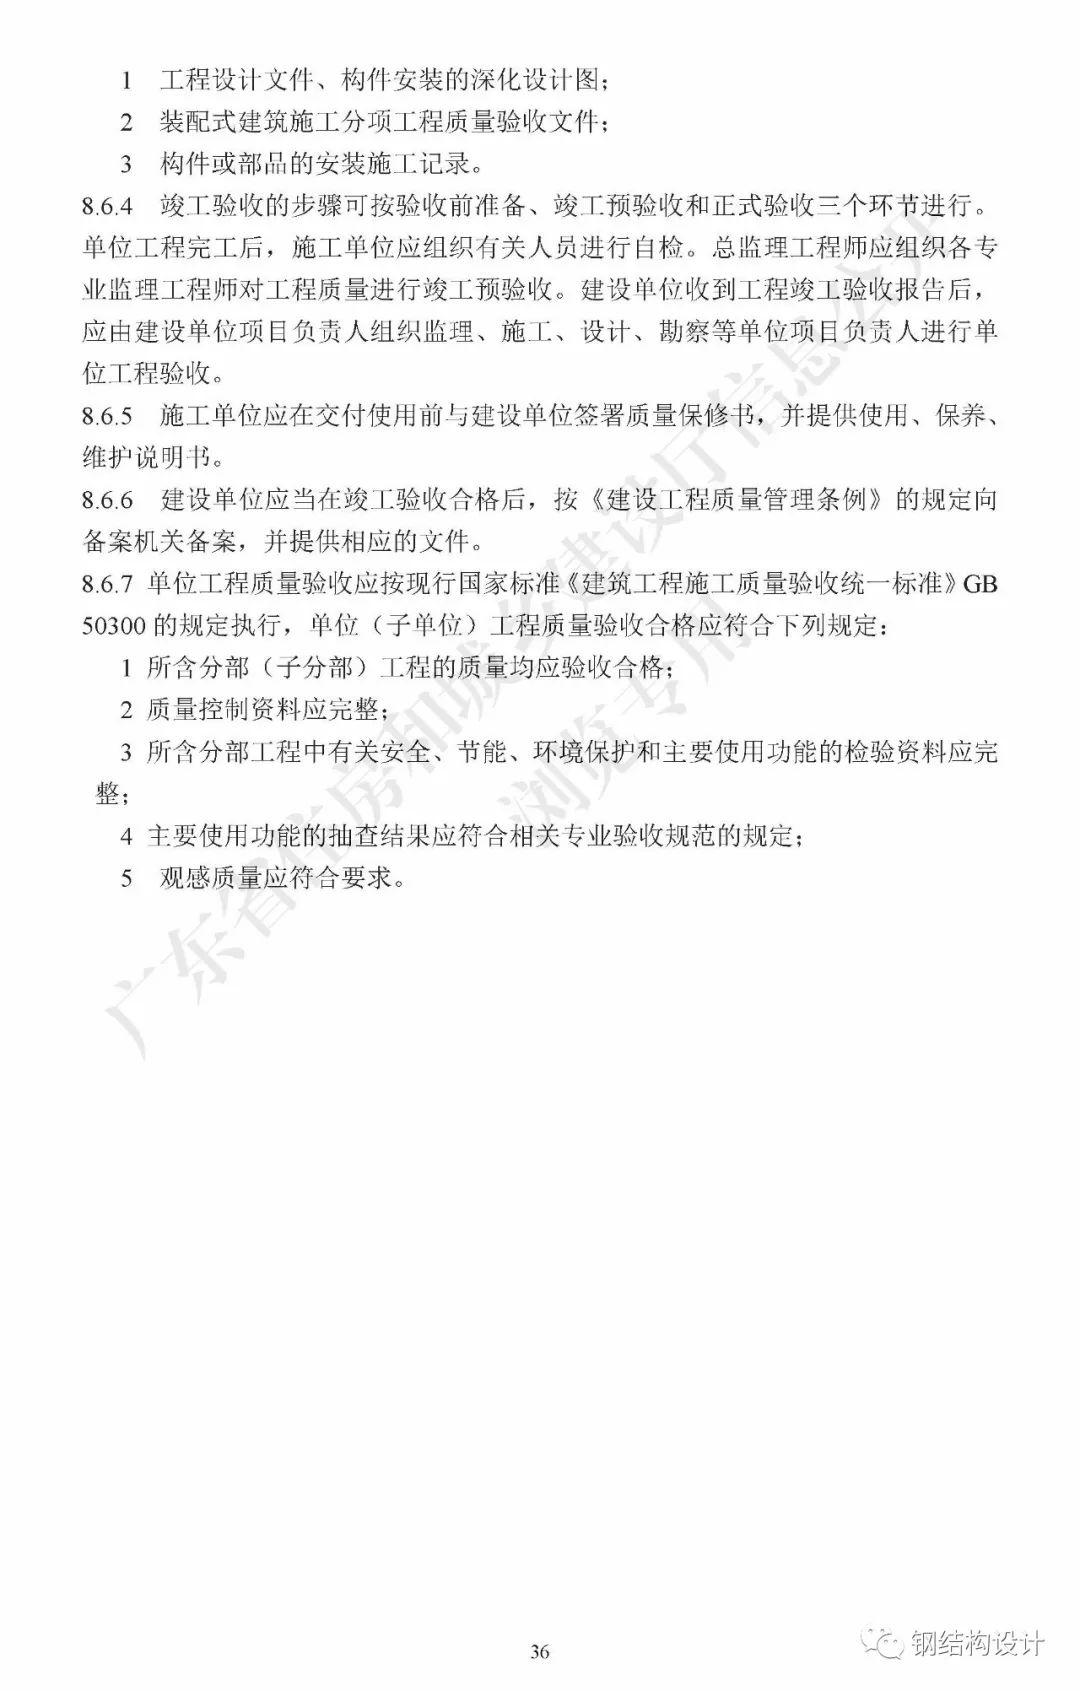 广东省《装配式钢结构建筑技术规程》发布_46